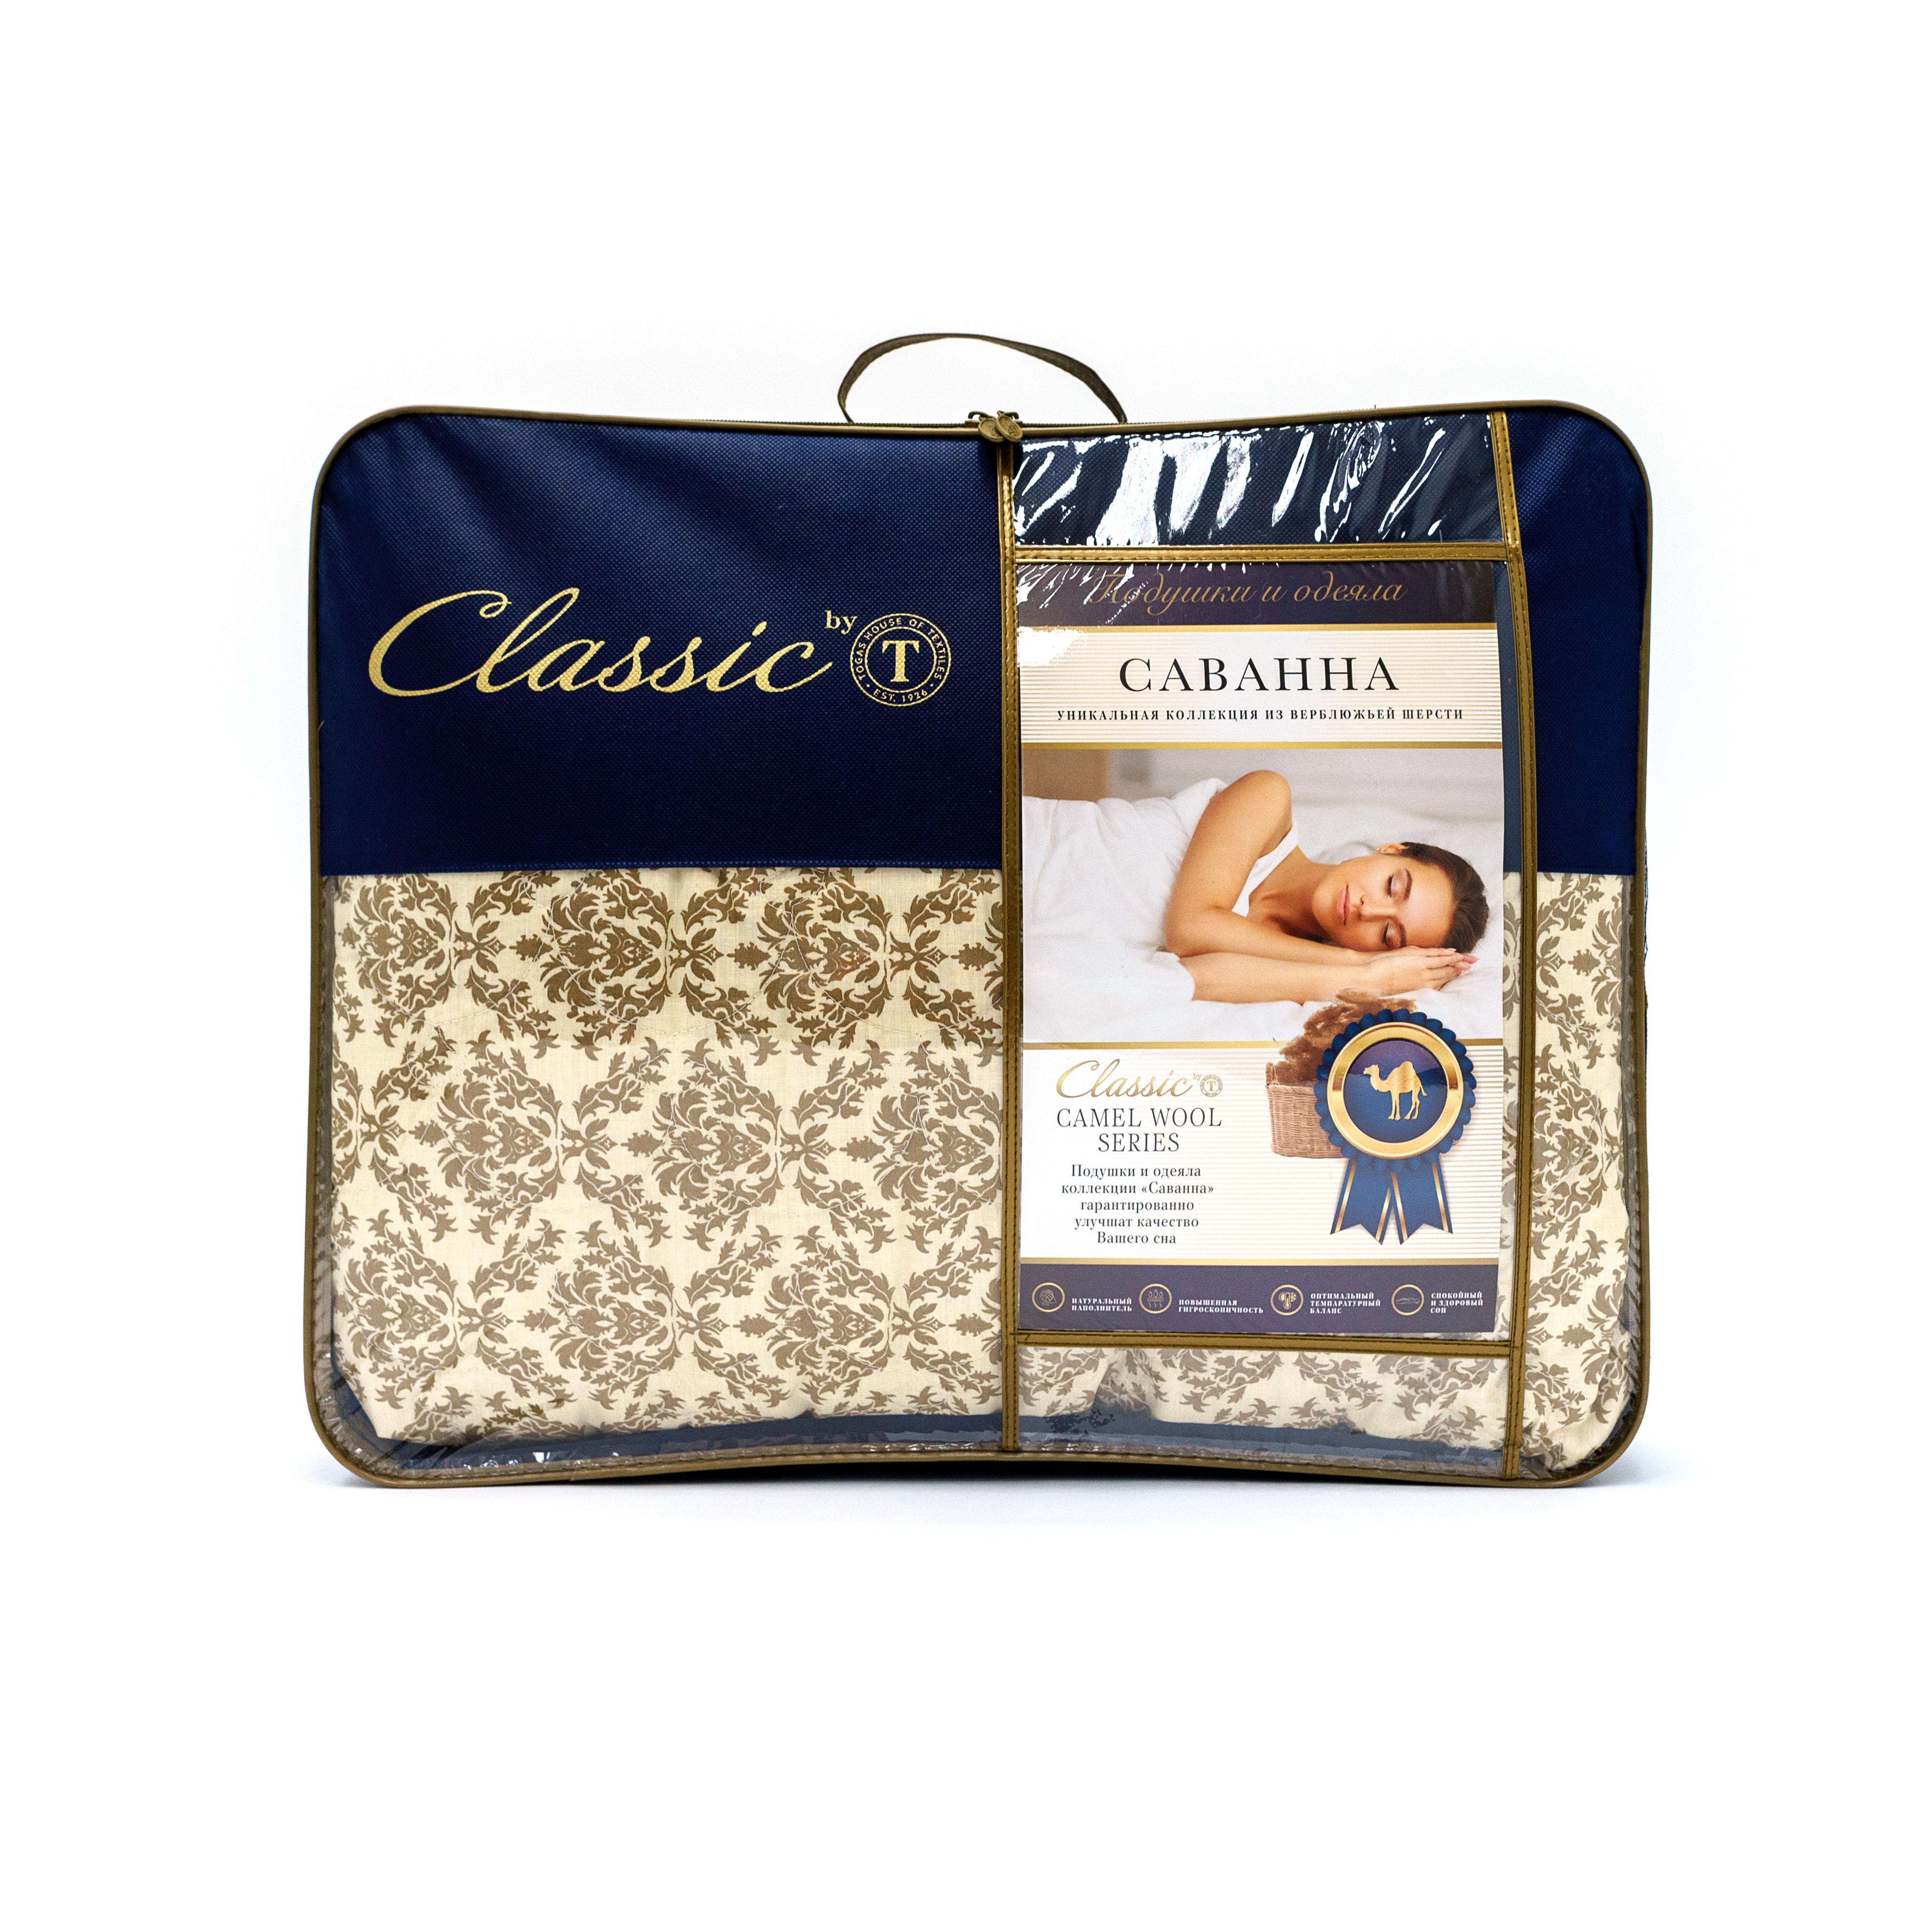 Одеяла CLASSIC by T Одеяло Саванна (175х200 см) одеяло classic by t верблюжья шерсть